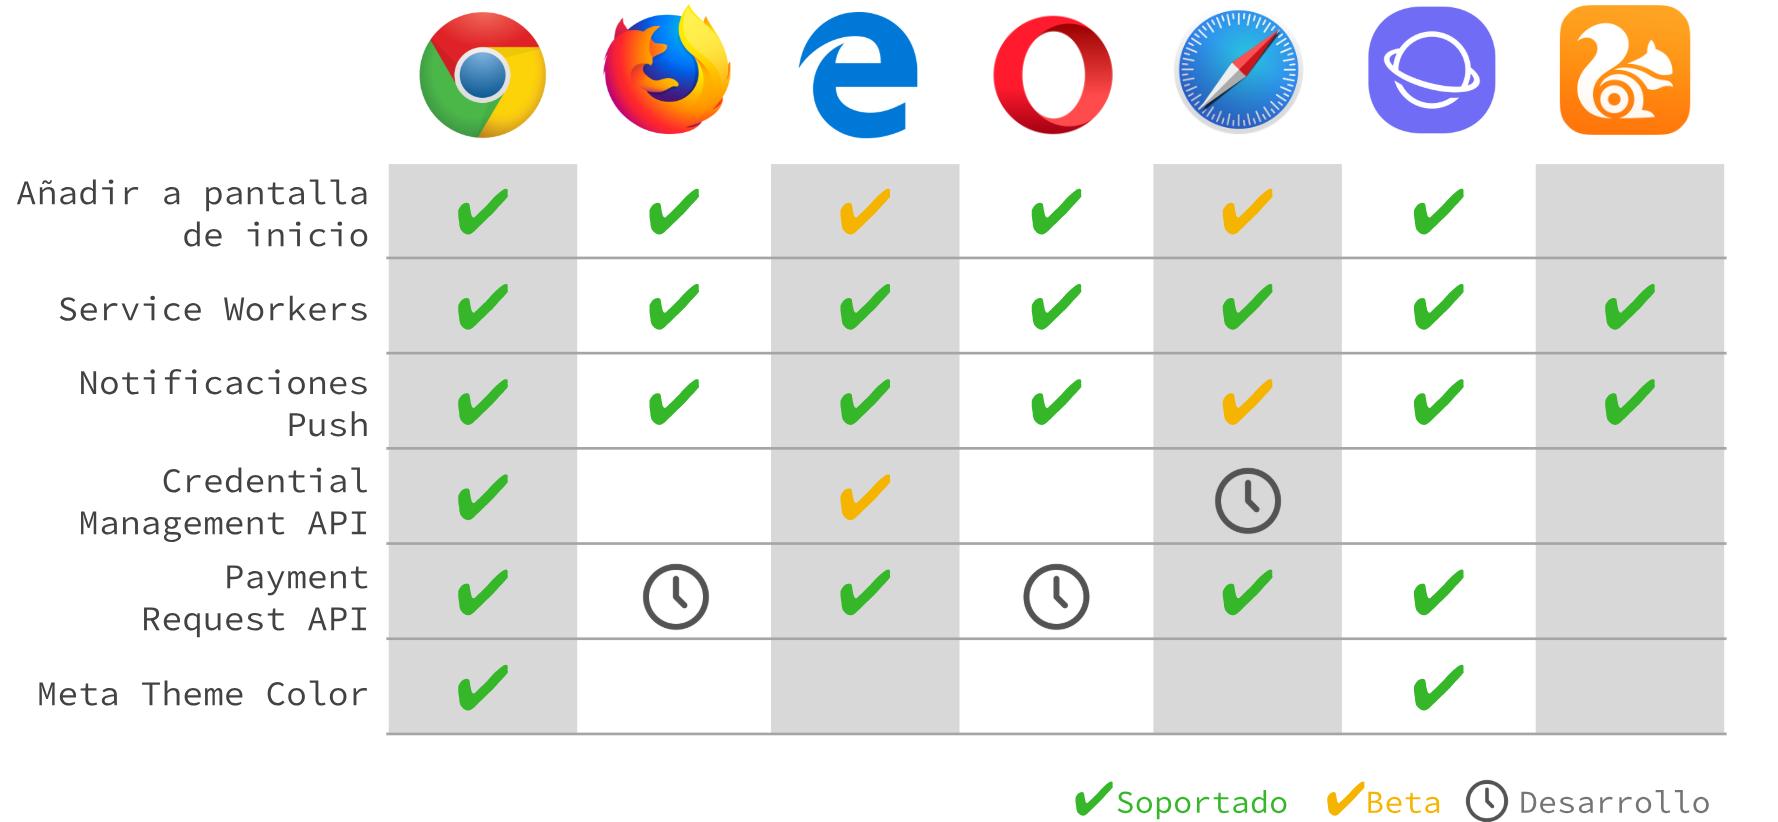 que-navegadores-soportan-pwa